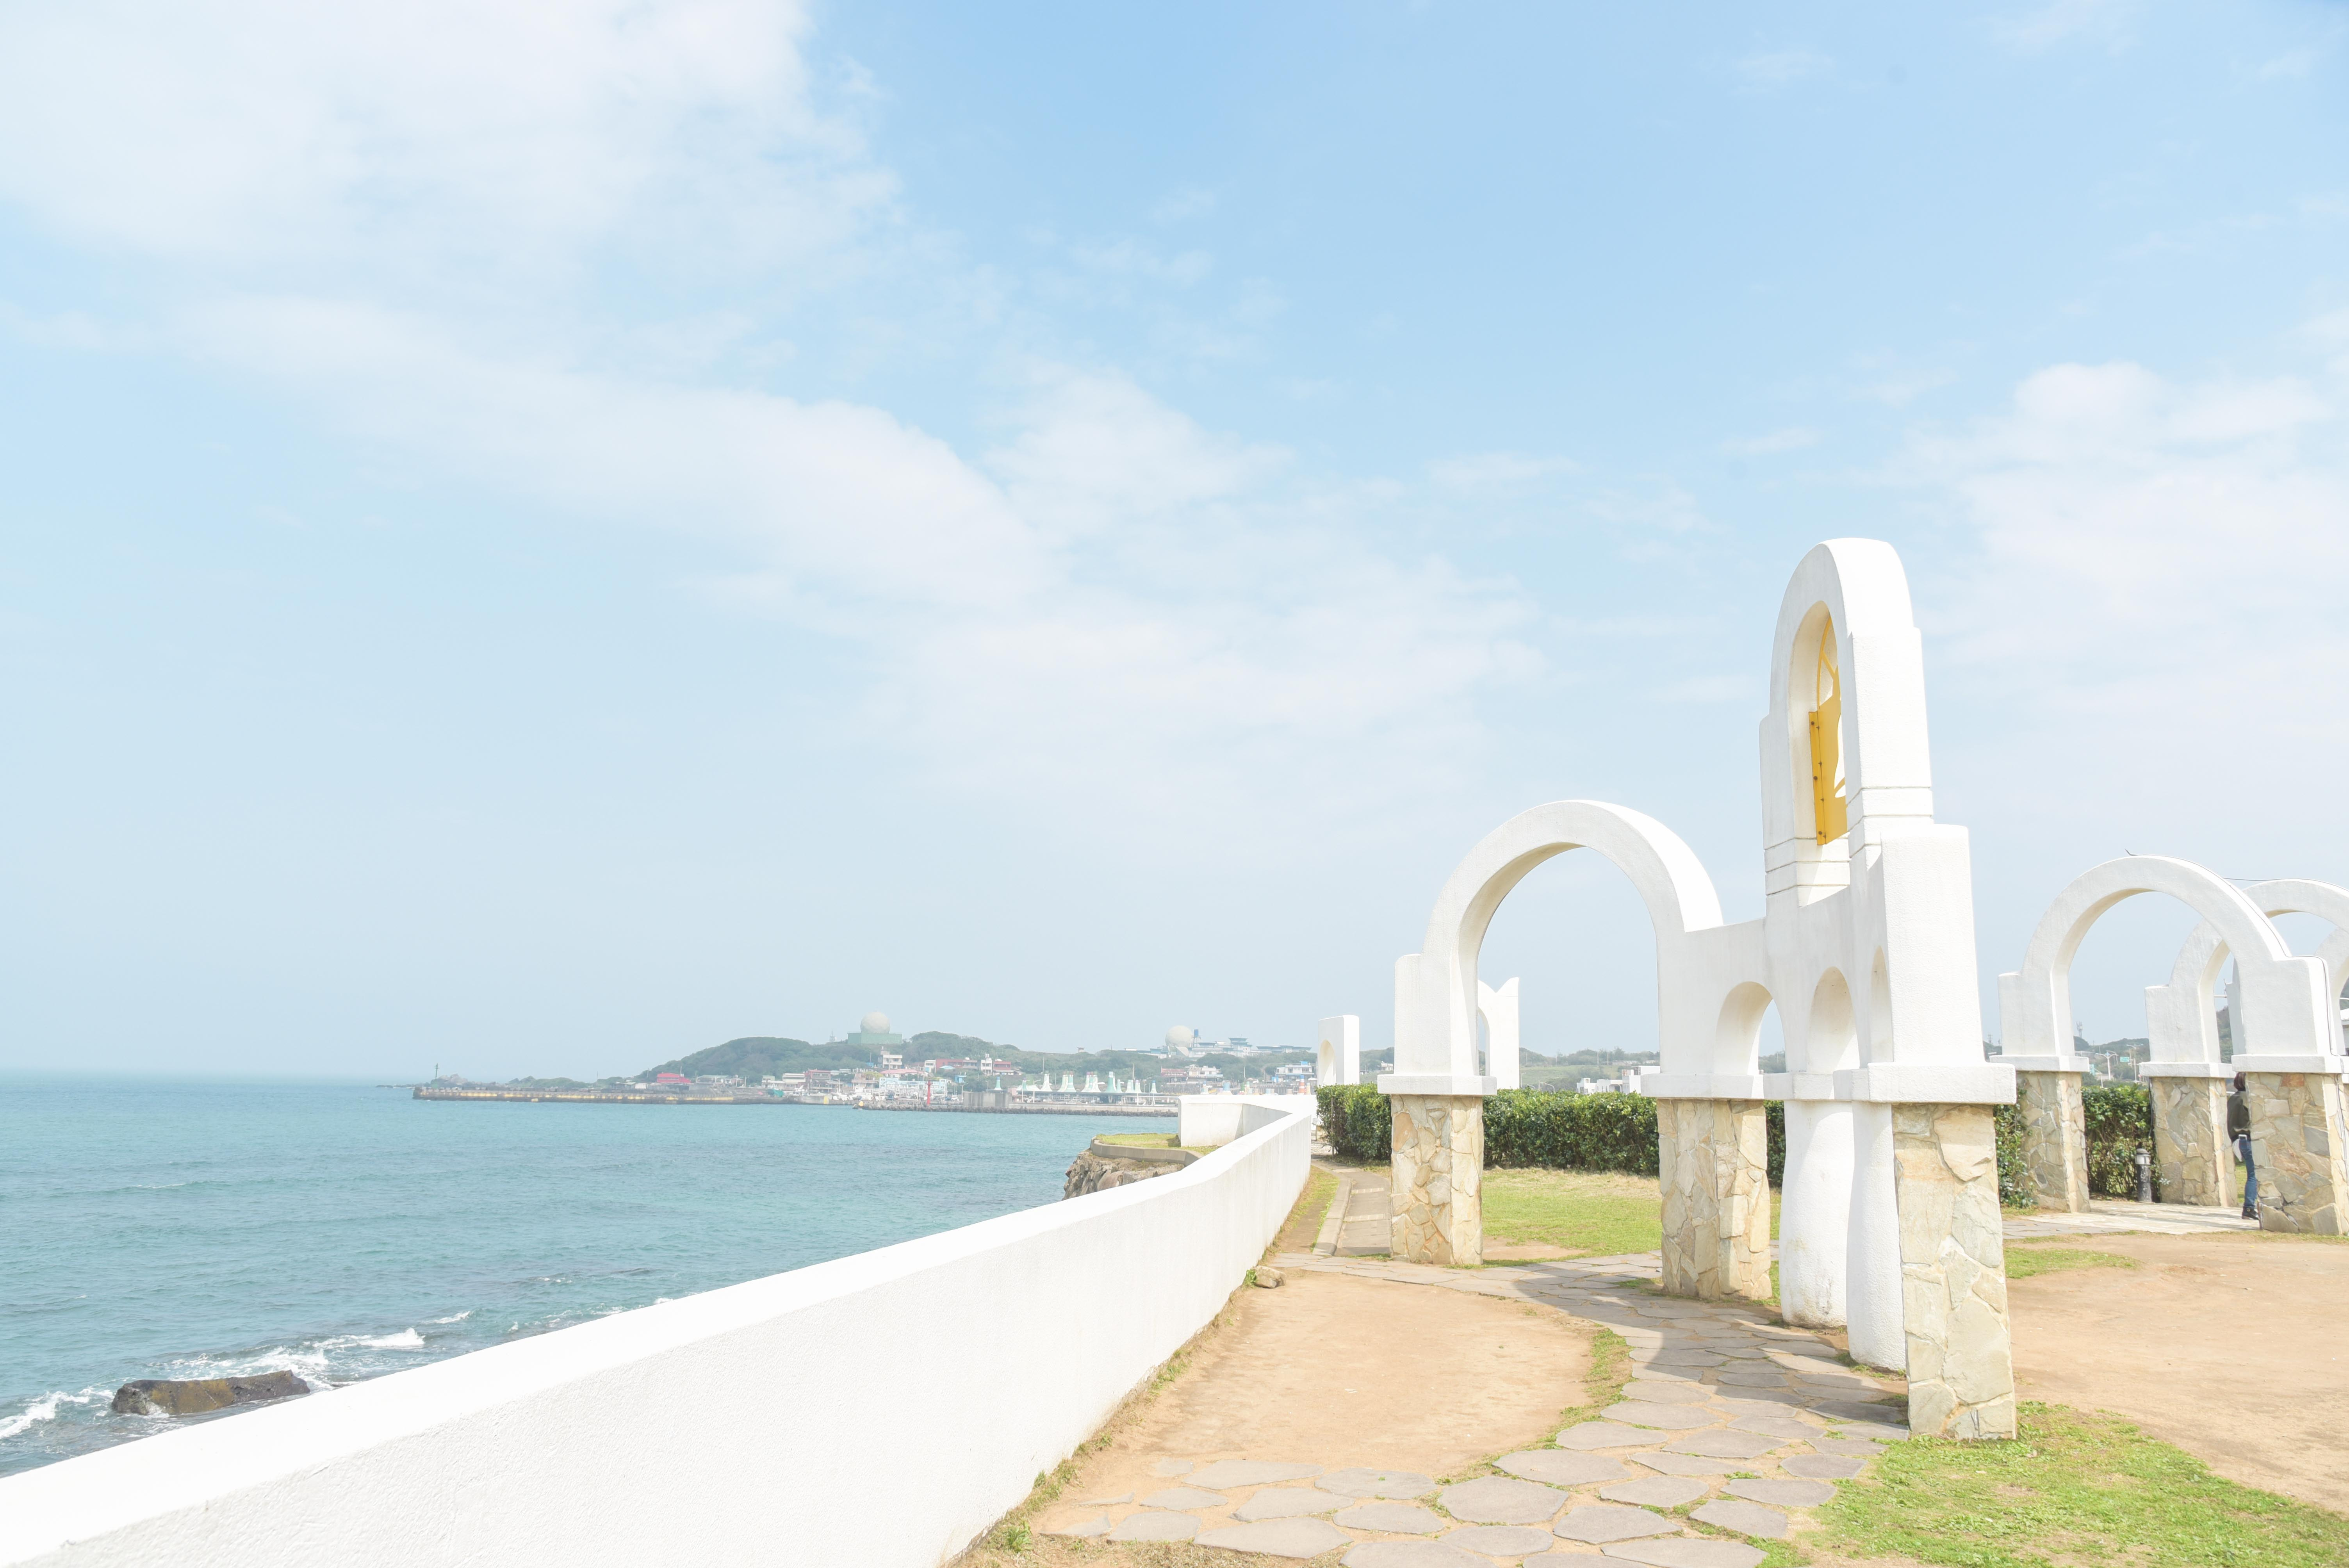 Surroundings of Shimen Wedding Plaza